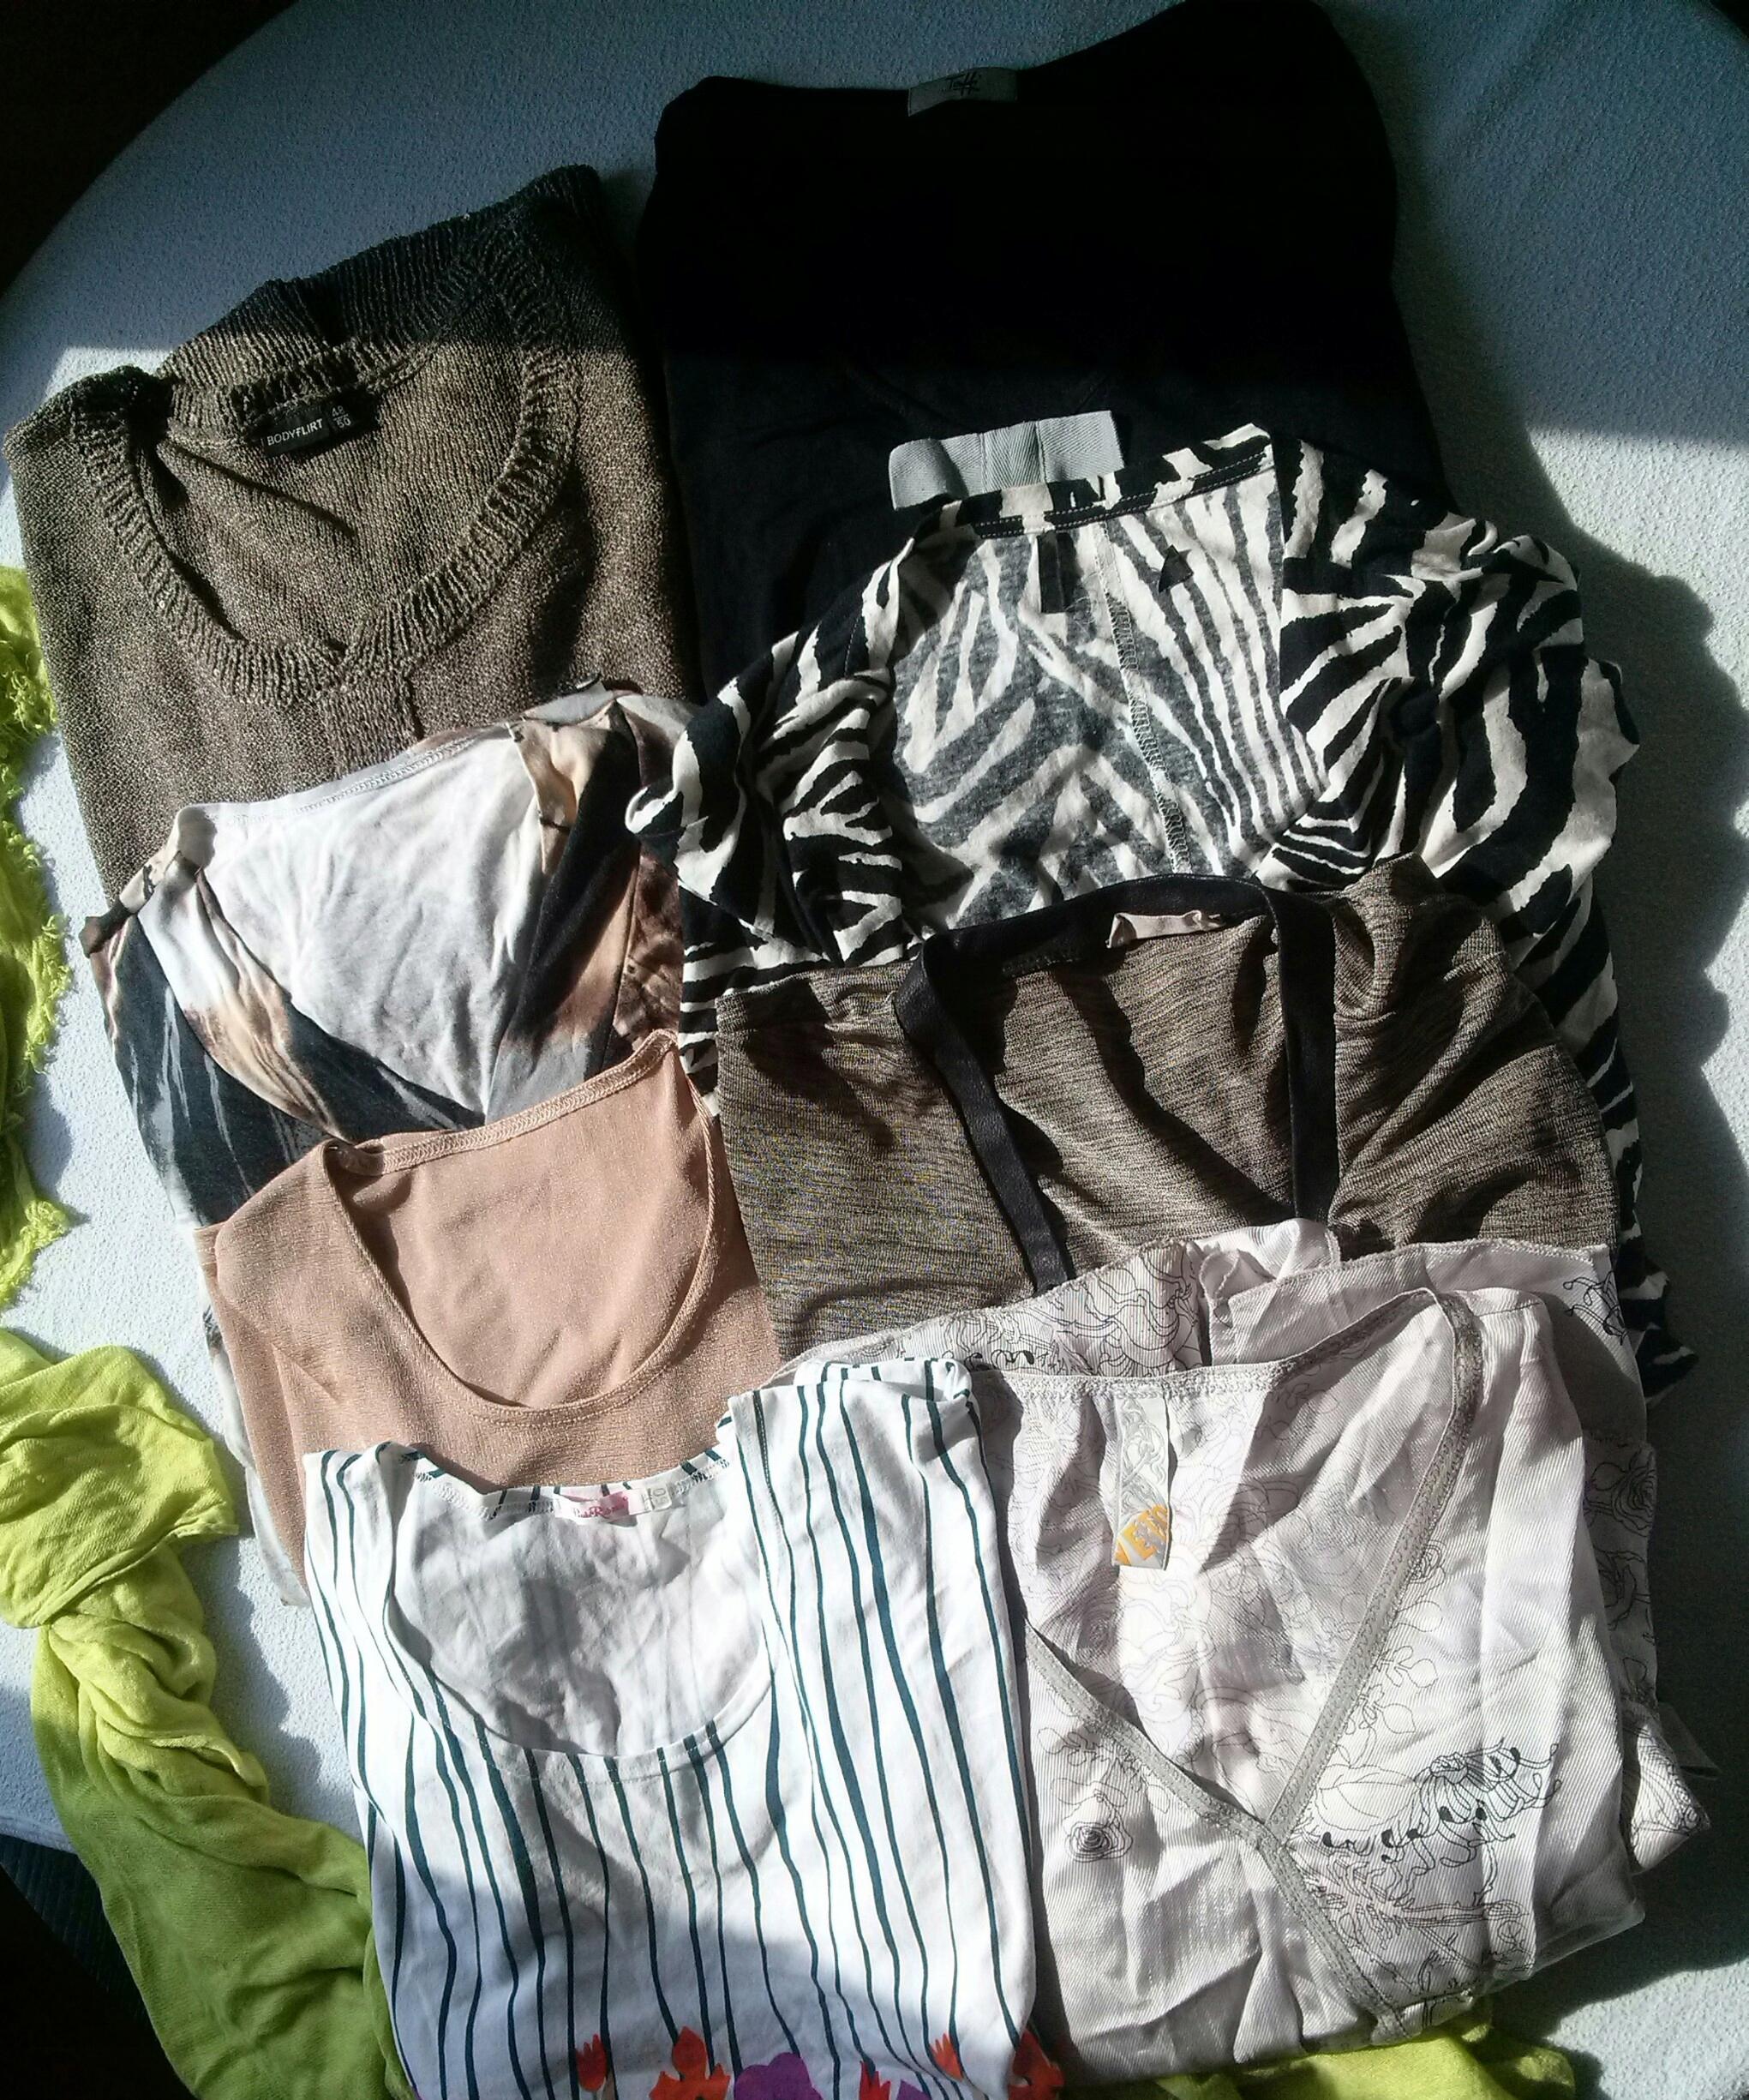 Zestaw ubrań damskich 48/50 + gratis. Okazja!